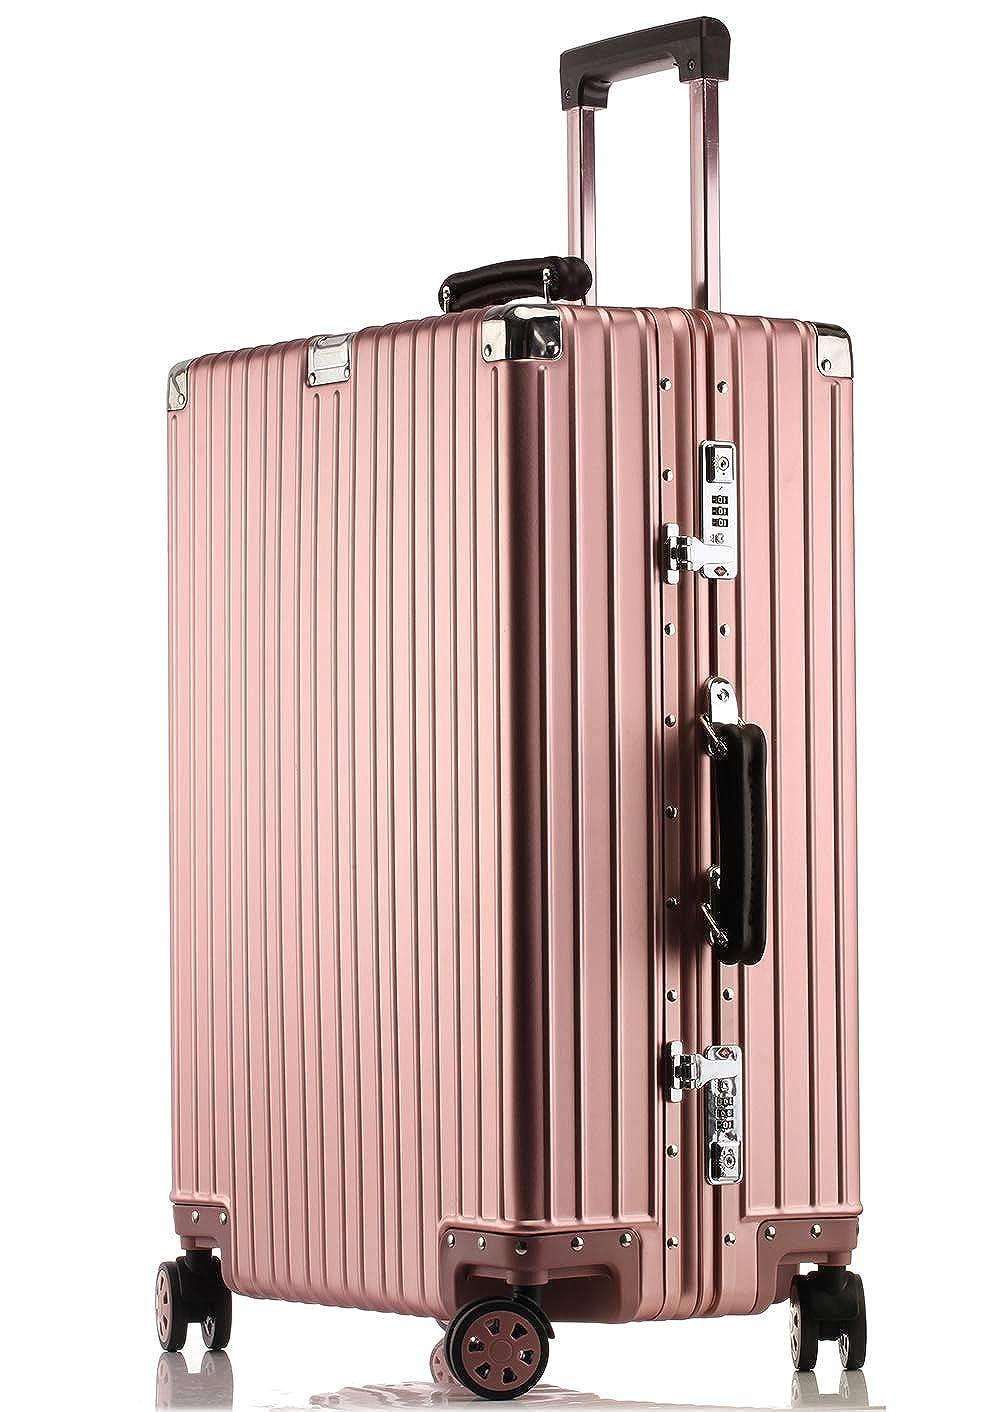 JINXIANGMEI アルミニウムマグネシウム合金スーツケース 機内持ち込みスーツケース 預け入れスーツケースTSAロック キャスター 海外旅行5色4サイズ1802 S ローズゴールド B07K4927KX